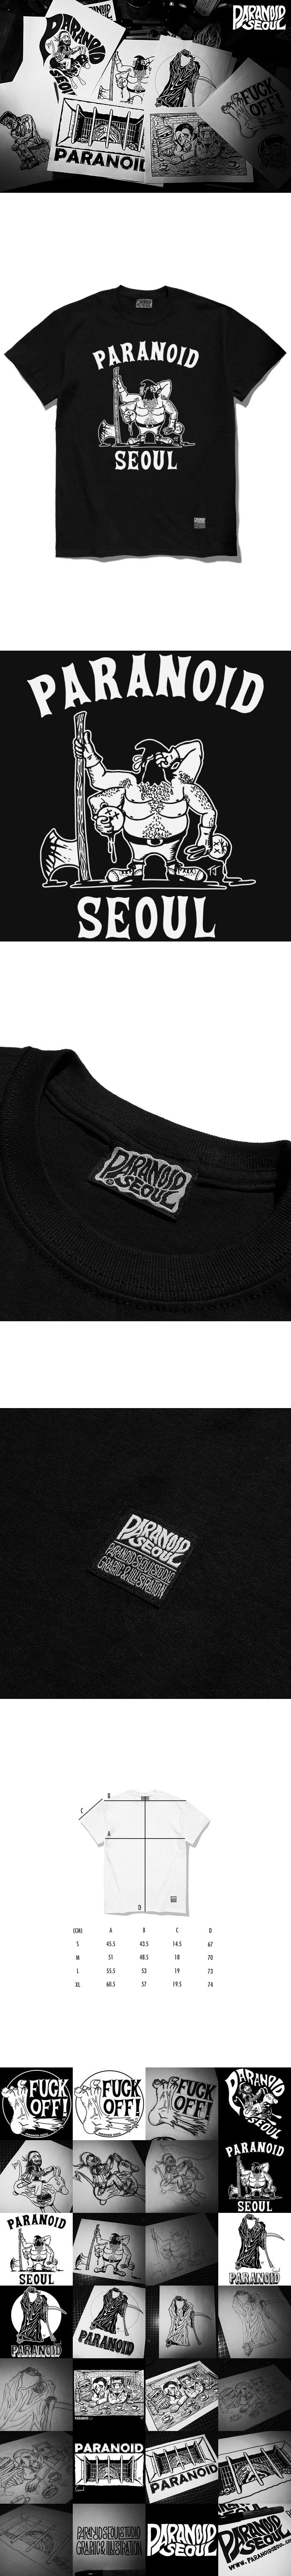 파라노이드(PARANOID) 크라잉 버쳐 그래픽 티셔츠 블랙